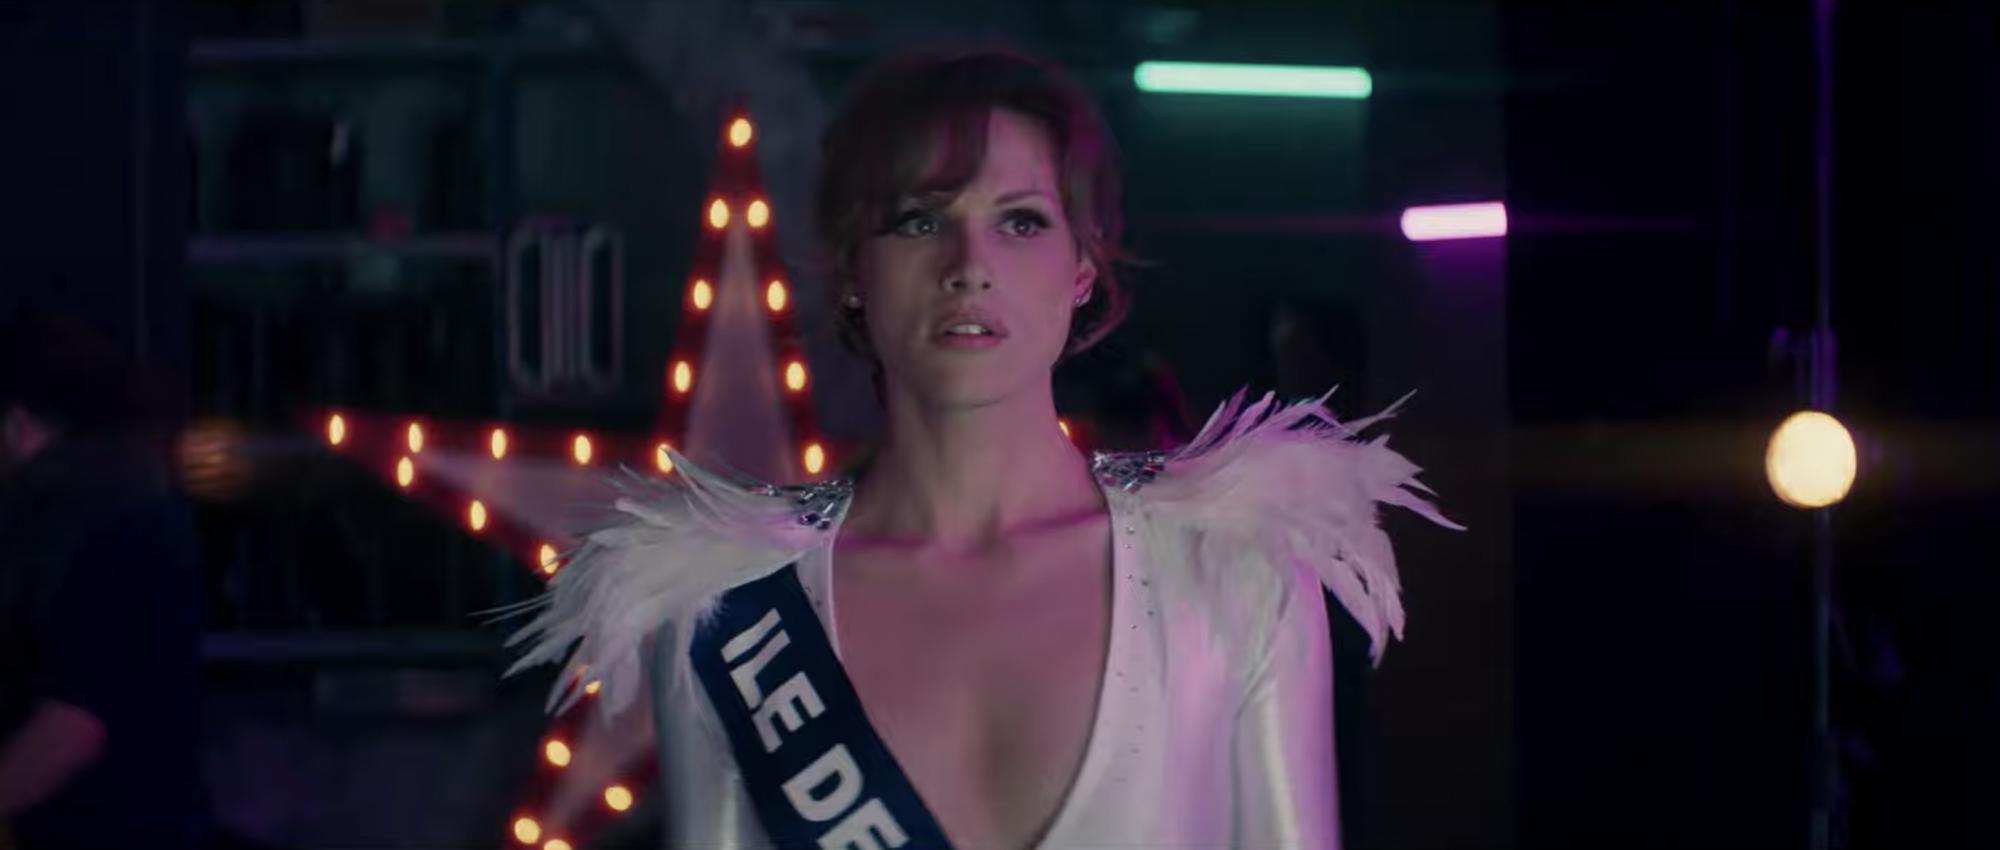 Le film Miss se dévoile dans une poignante bande-annonce